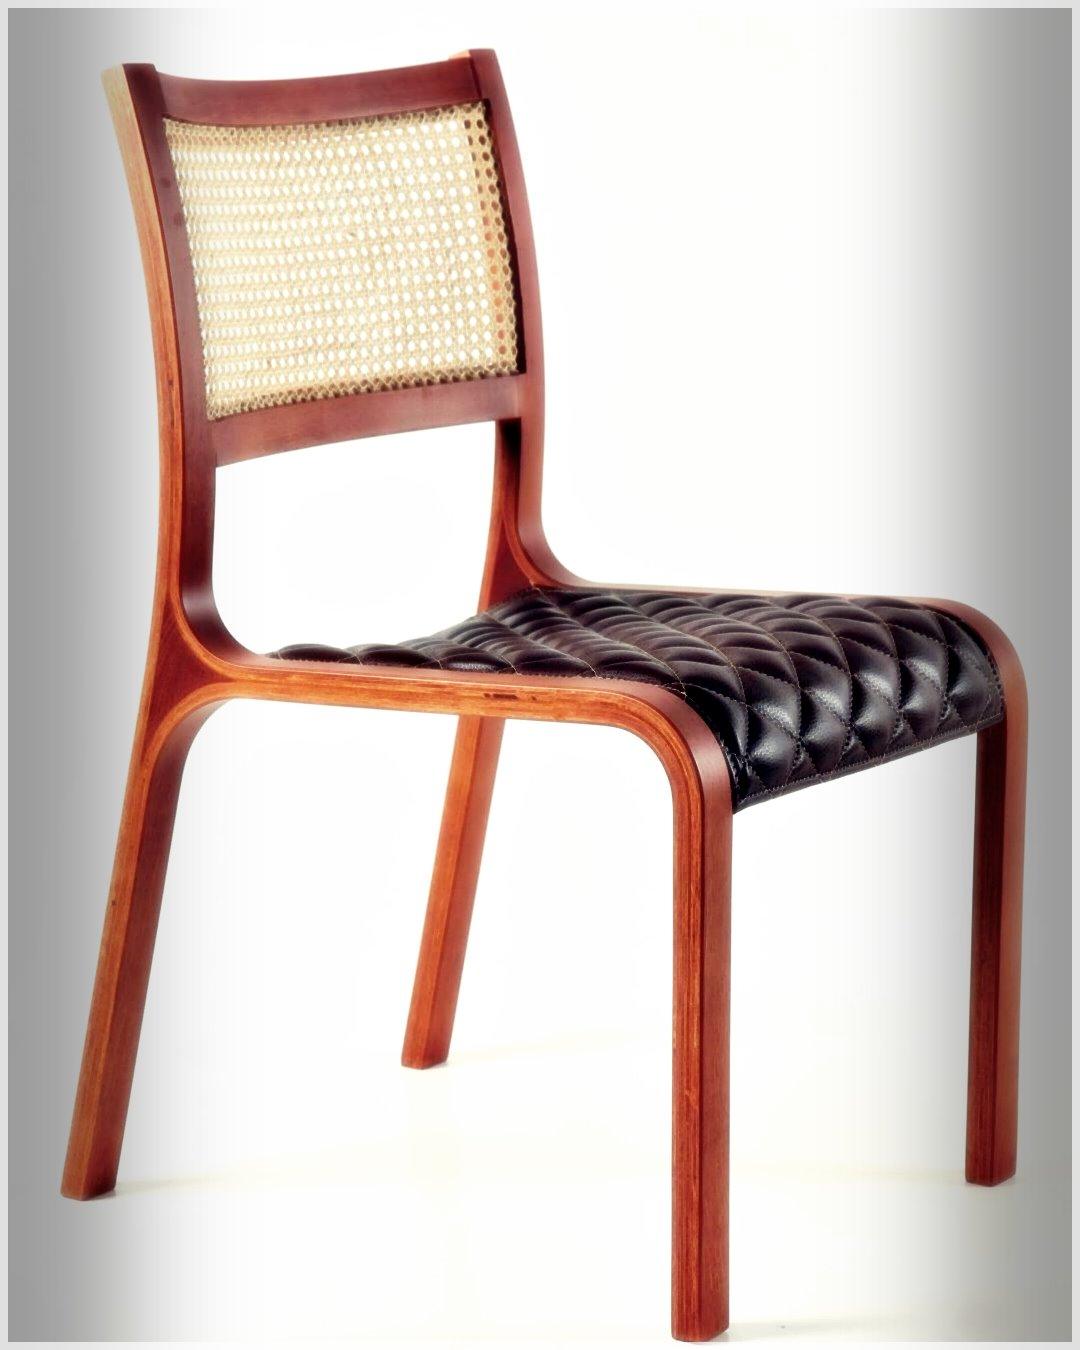 FurnitureDesign-98752696608